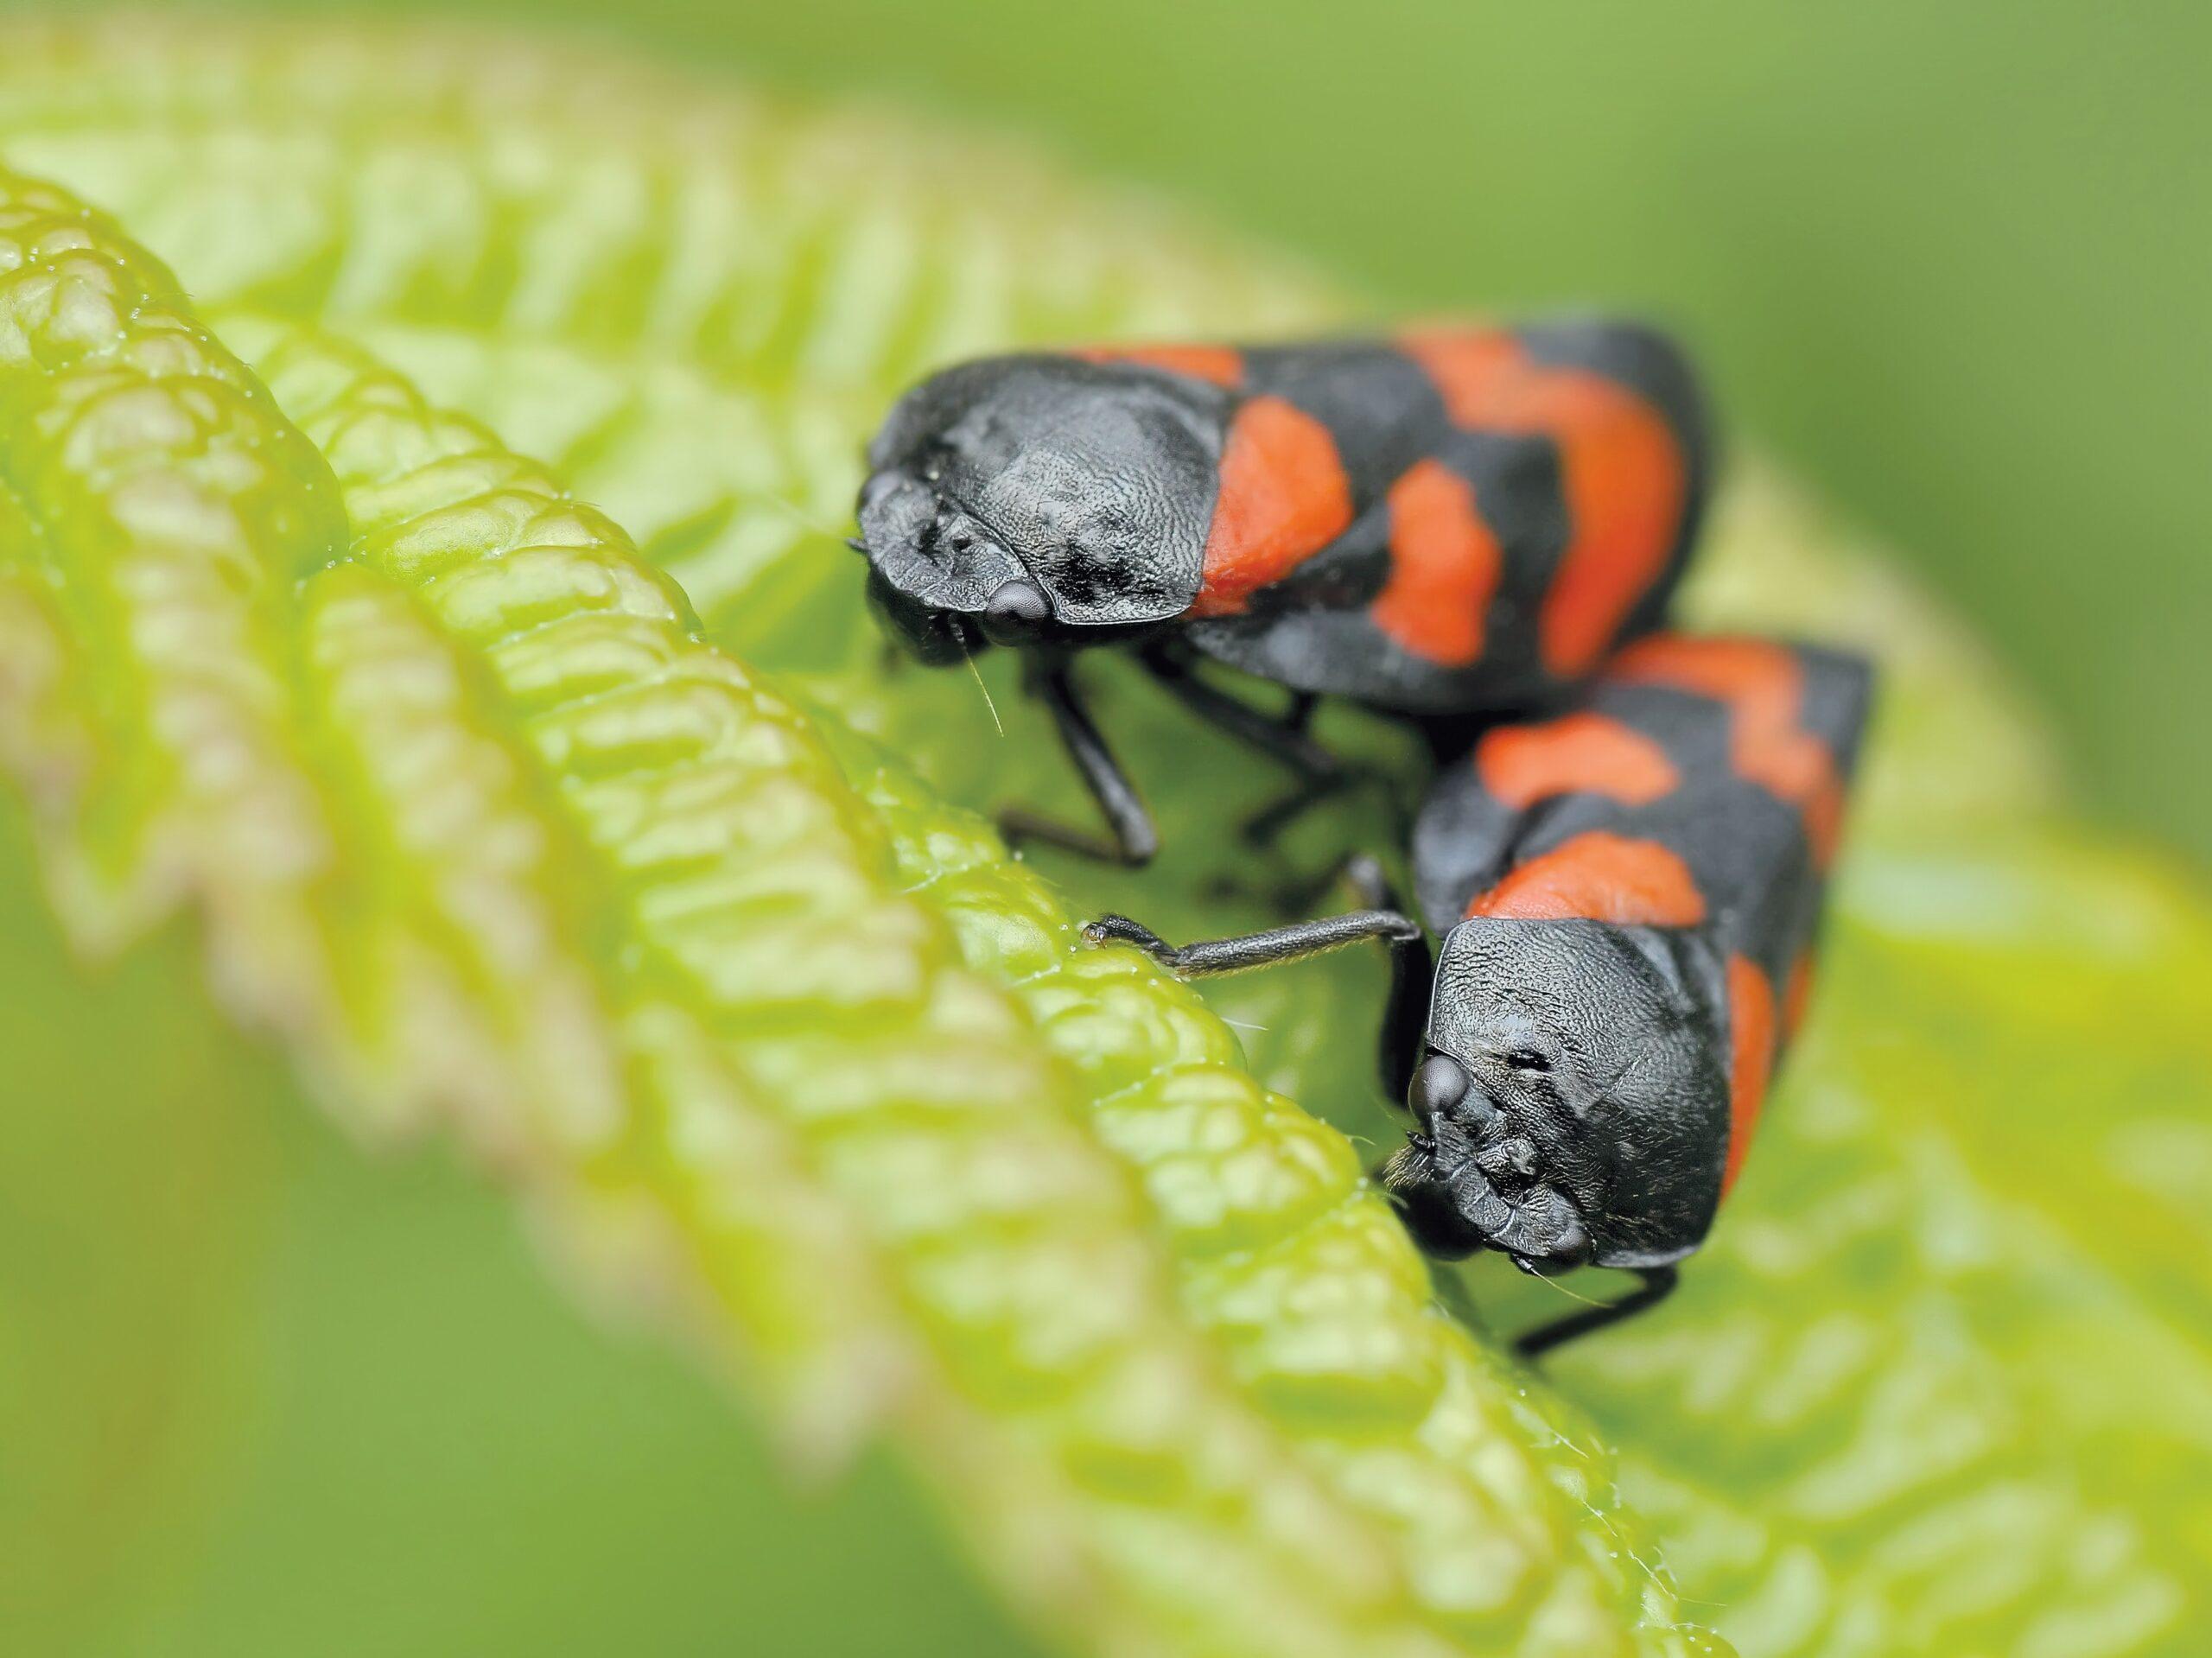 Rimedi naturali contro gli insetti: ecco le soluzioni